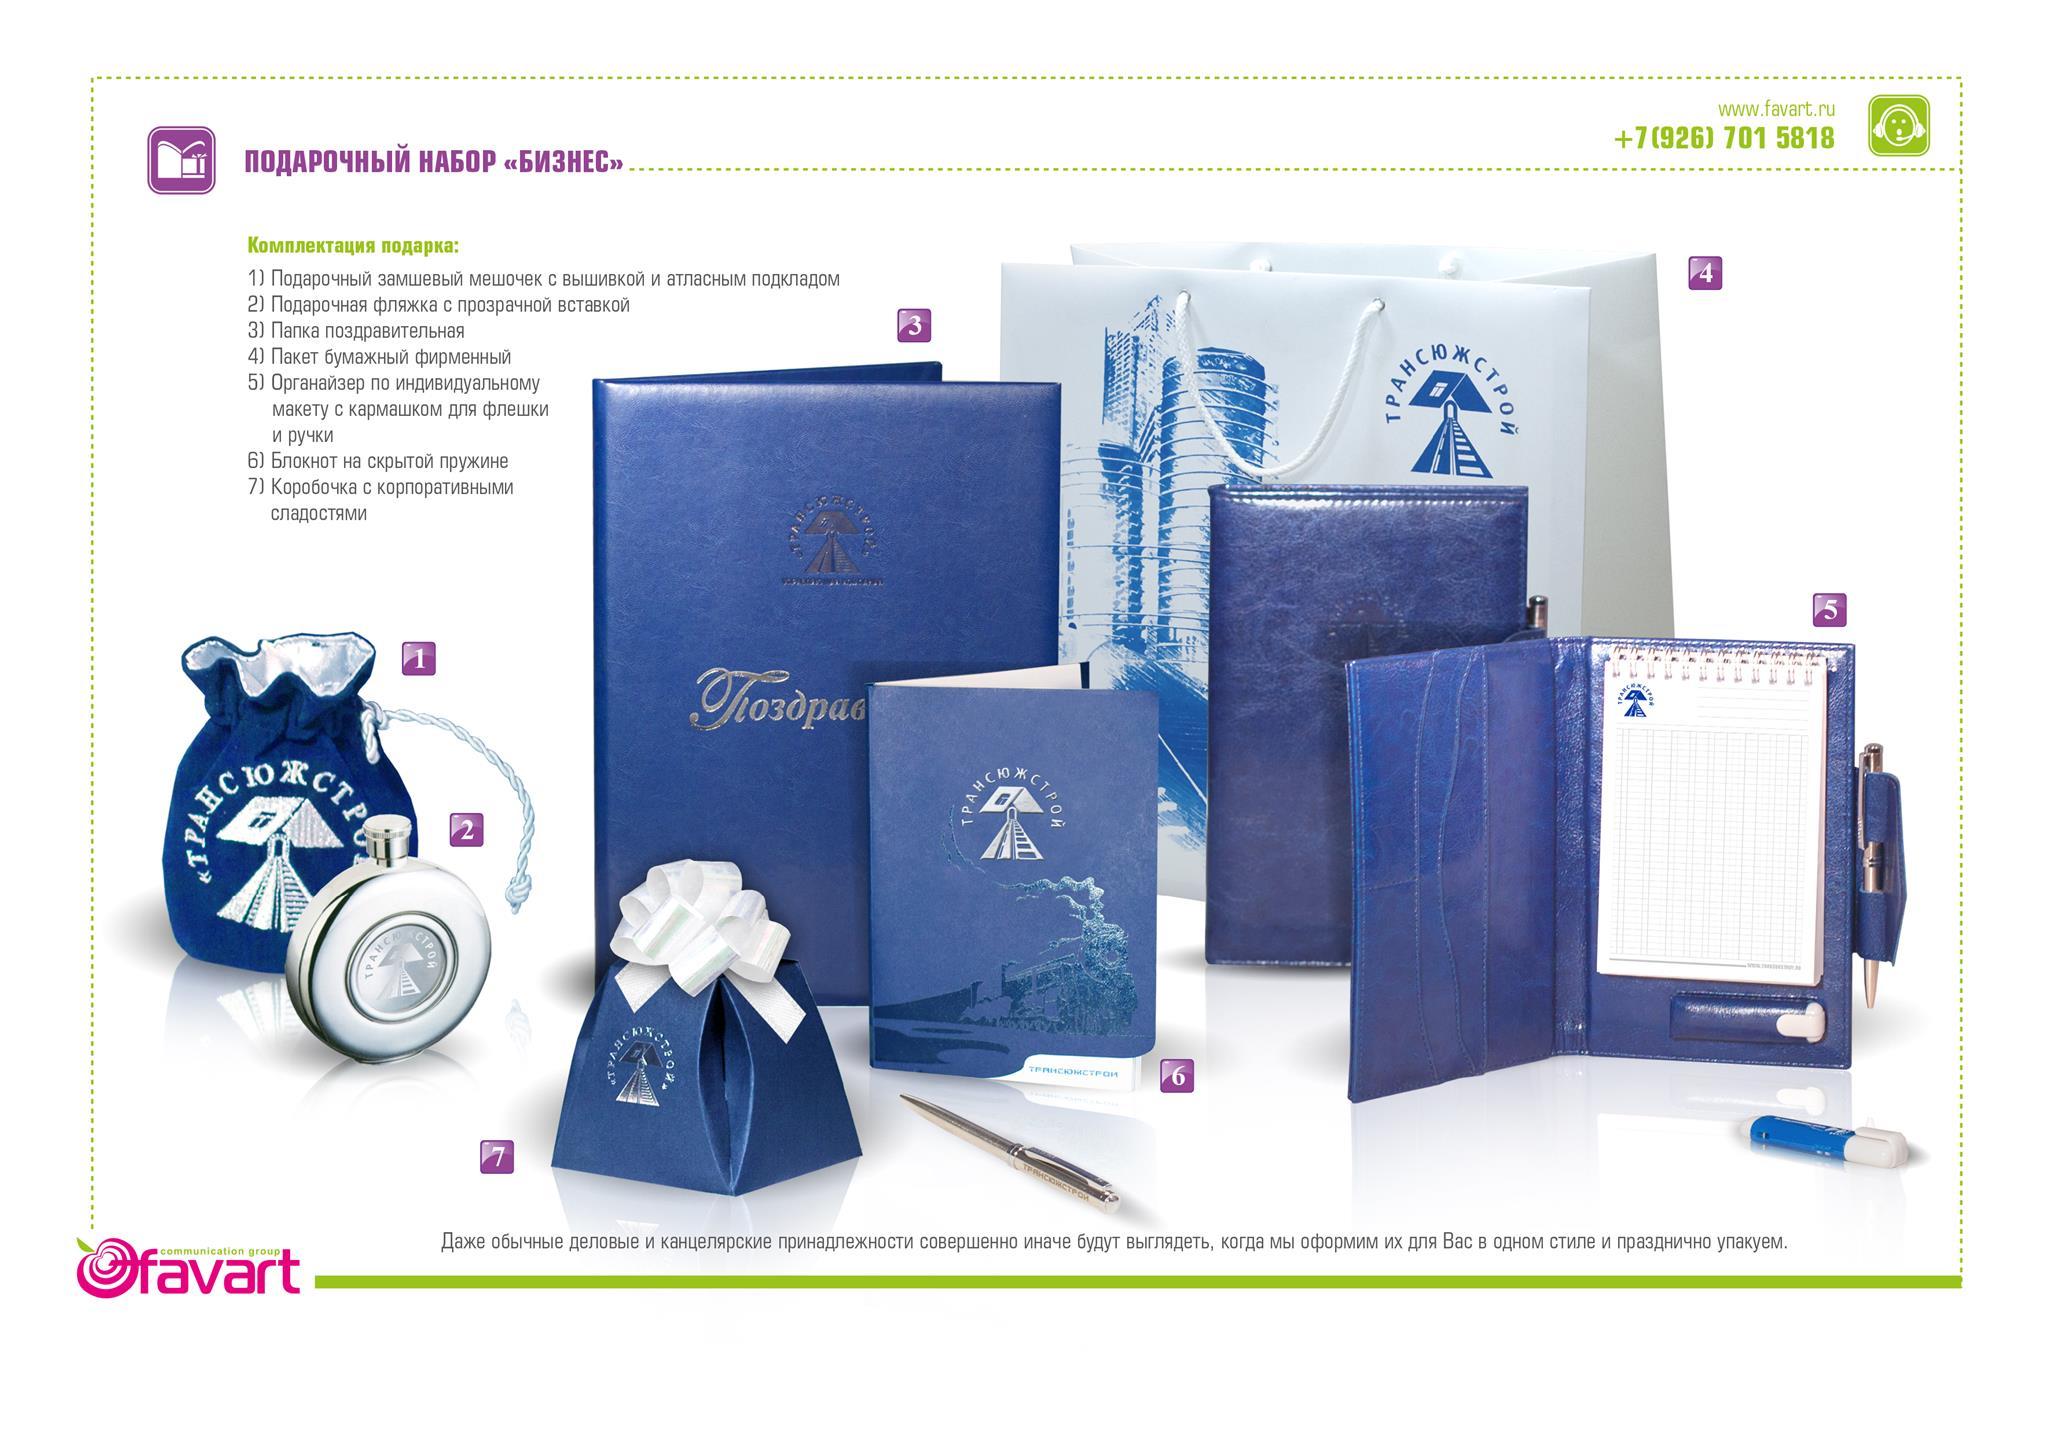 Бизнес сувениры и подарки